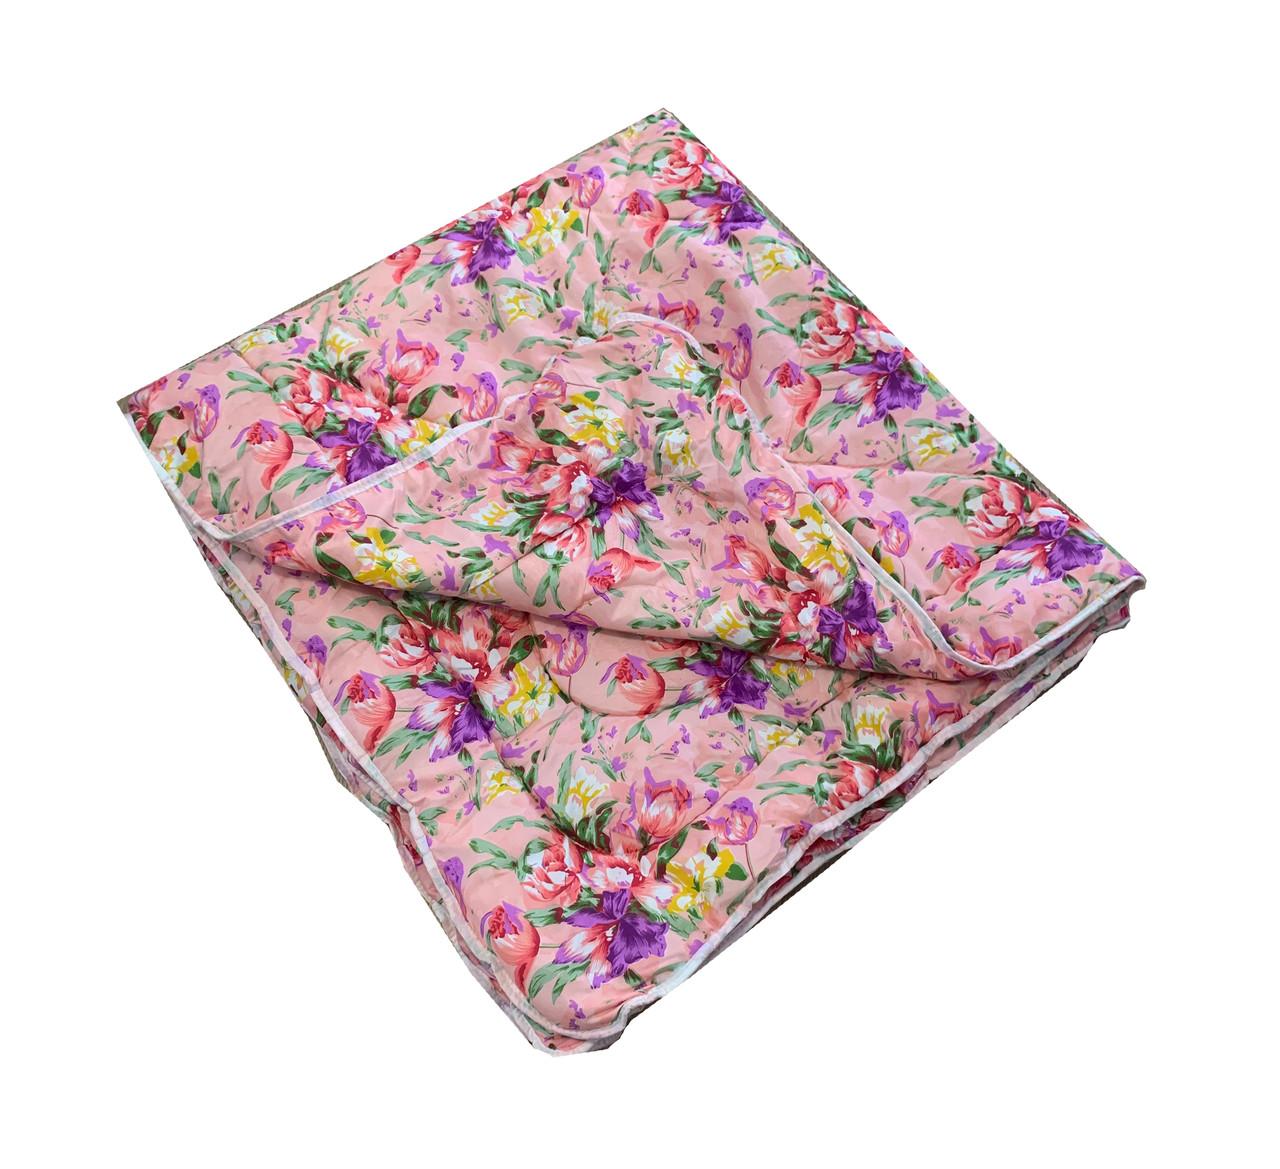 Одеяло розовое полуторное, холлофайбер 150*220 см, Украина